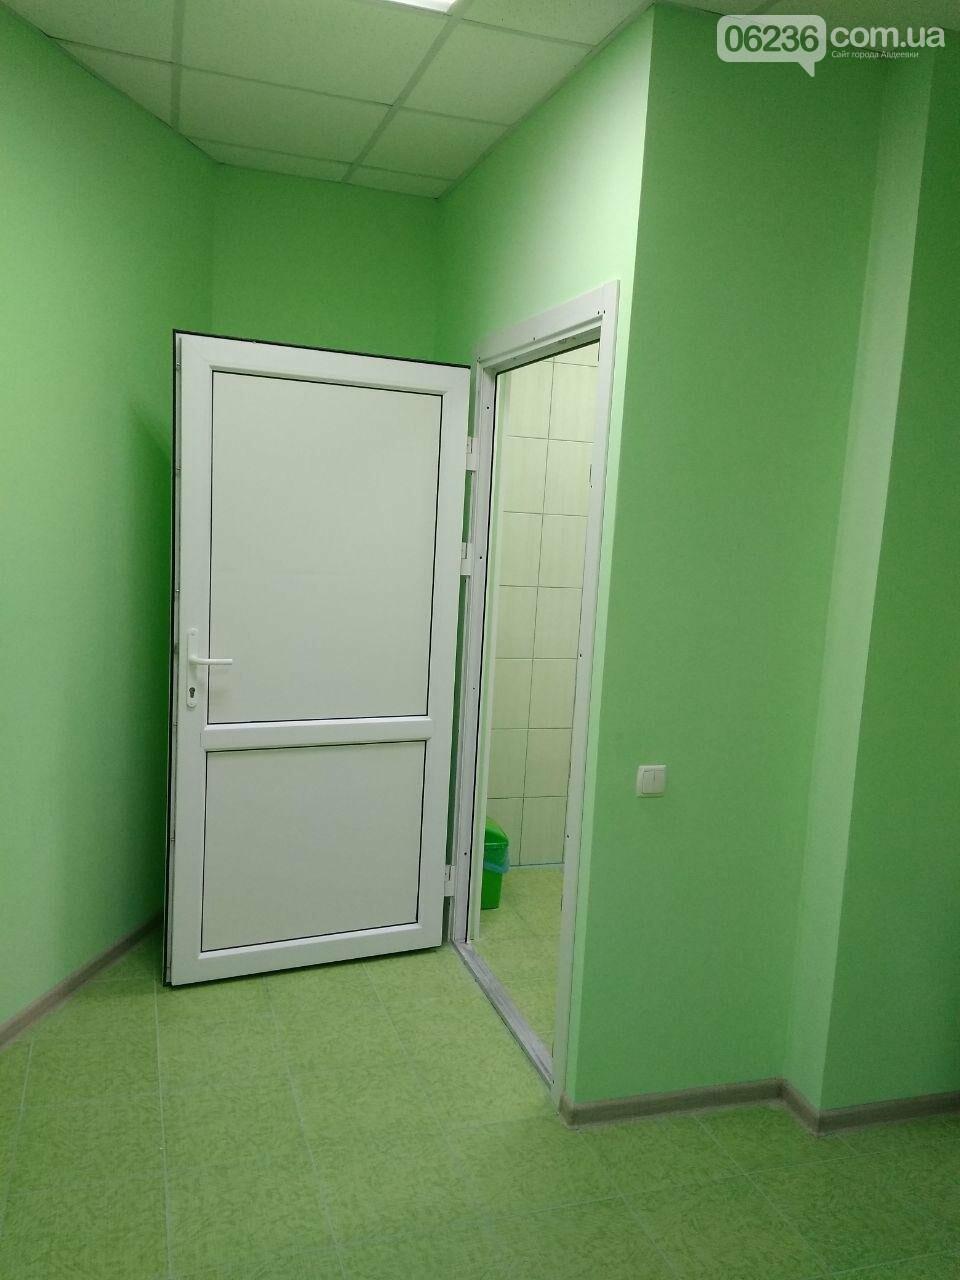 «Преобразим Авдеевку вместе!»: в центре реабилитации «Искорка» появилась современная санитарная комната (ФОТОФАКТ), фото-1